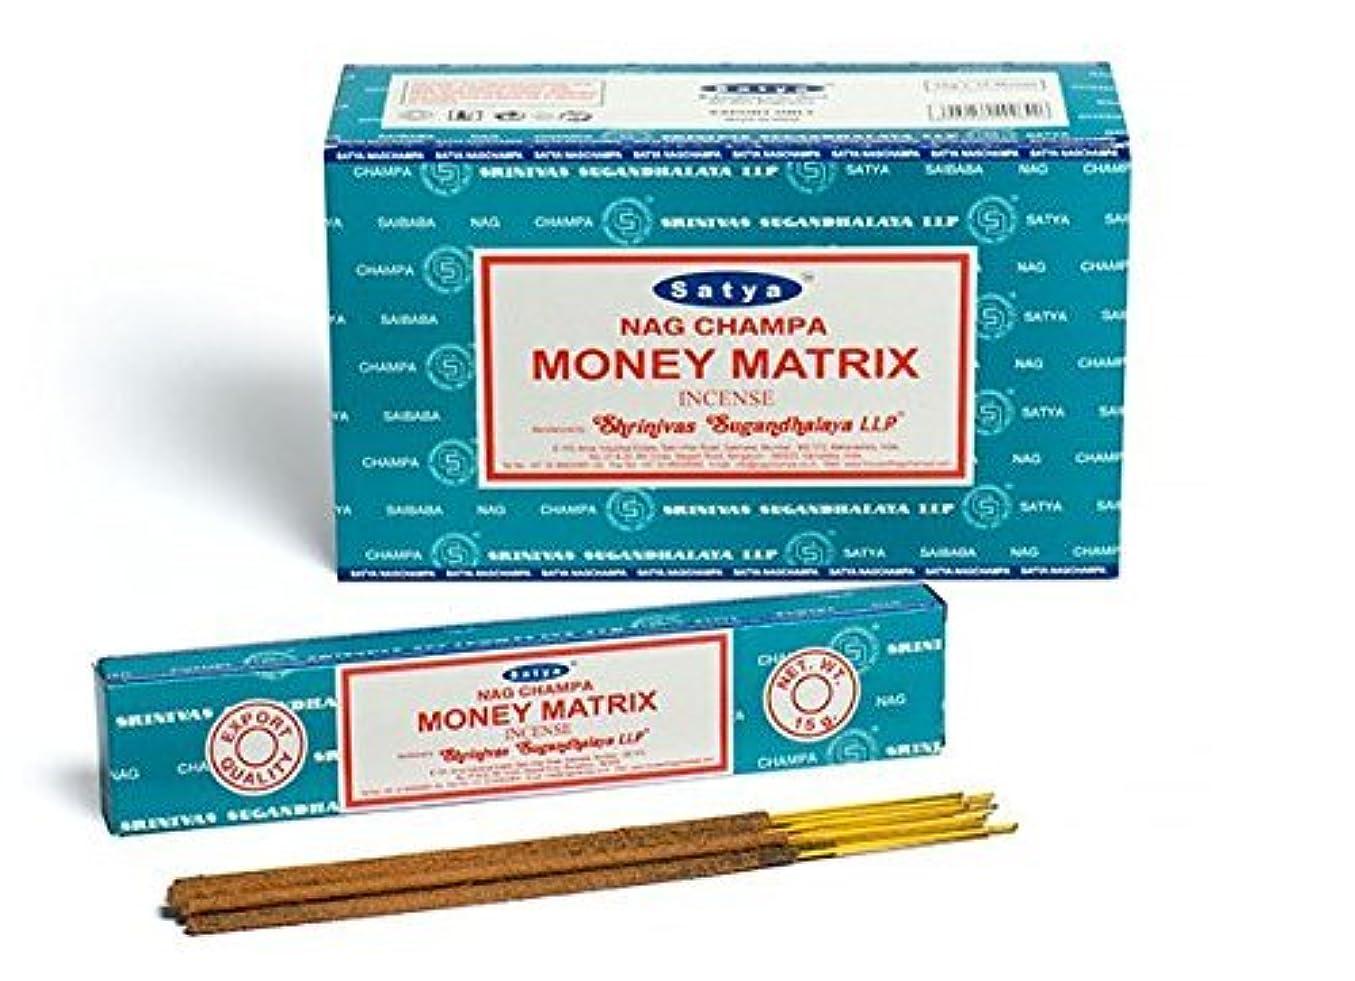 計算可能ラップ光沢Buycrafty Satya Champa Money Matrix Incense Stick,180 Grams Box (15g x 12 Boxes)